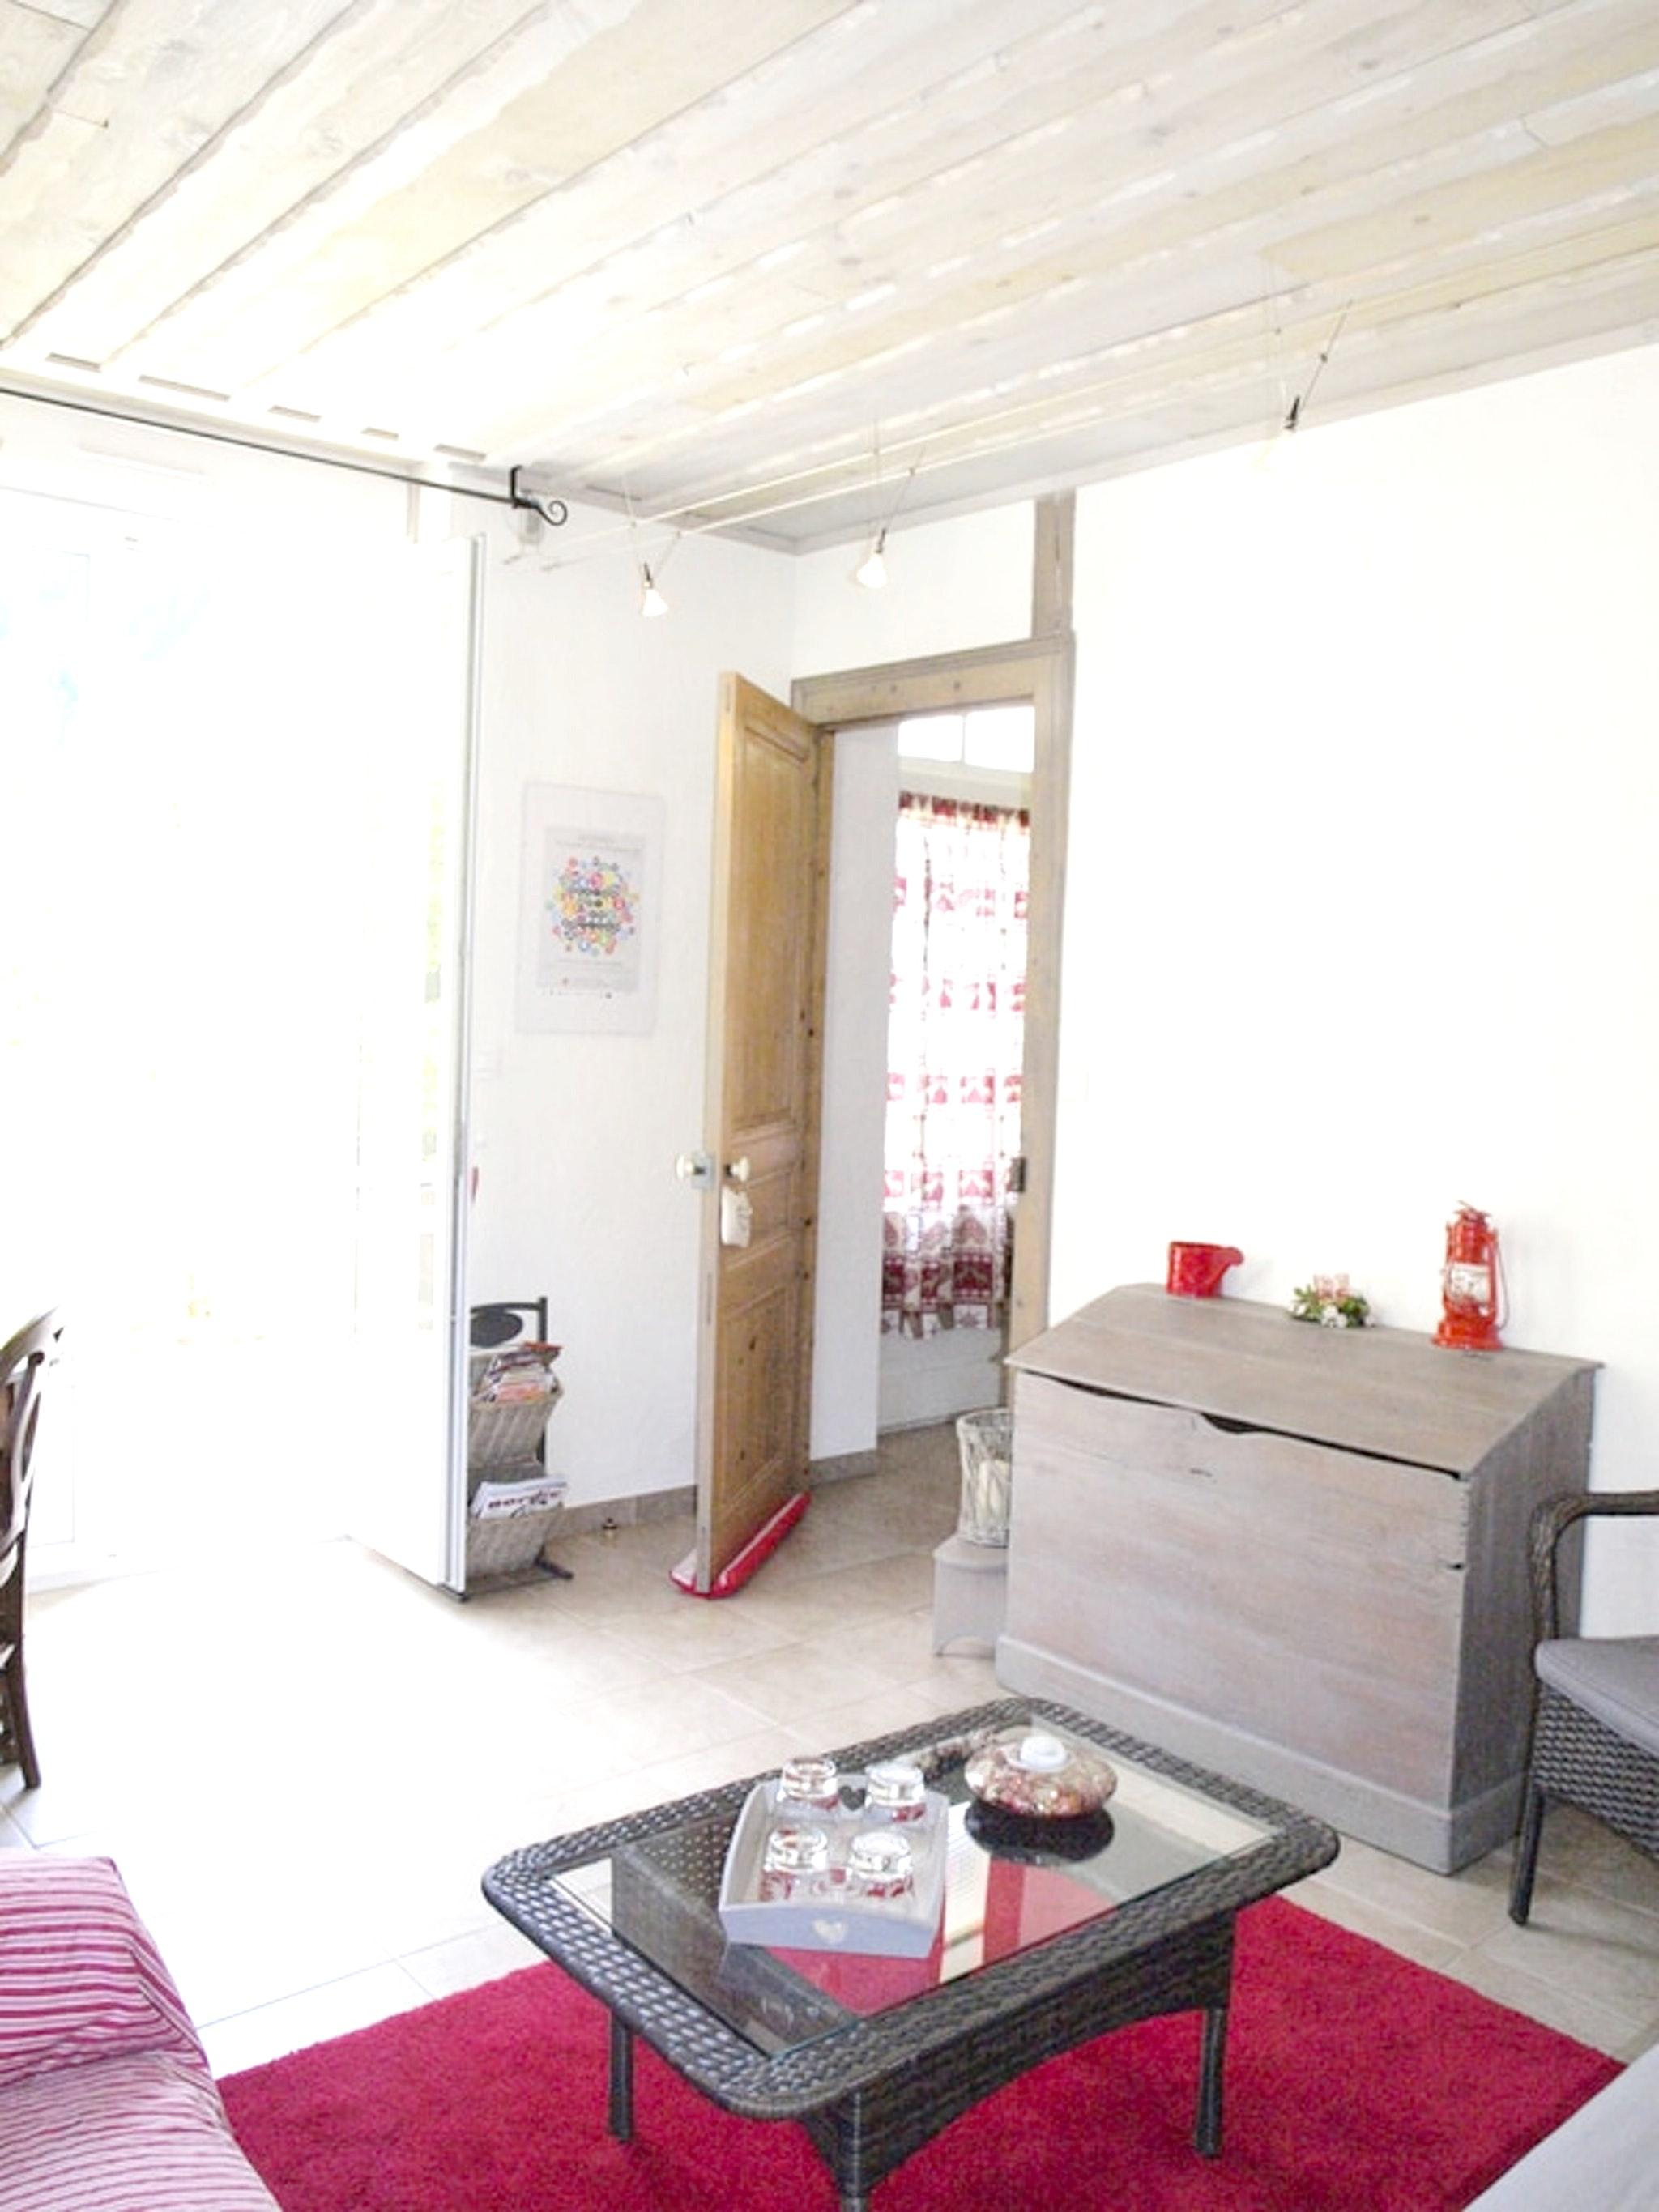 Maison de vacances Haus mit 2 Schlafzimmern in Villard-Saint-Sauveur mit toller Aussicht auf die Berge und ei (2704040), Villard sur Bienne, Jura, Franche-Comté, France, image 11